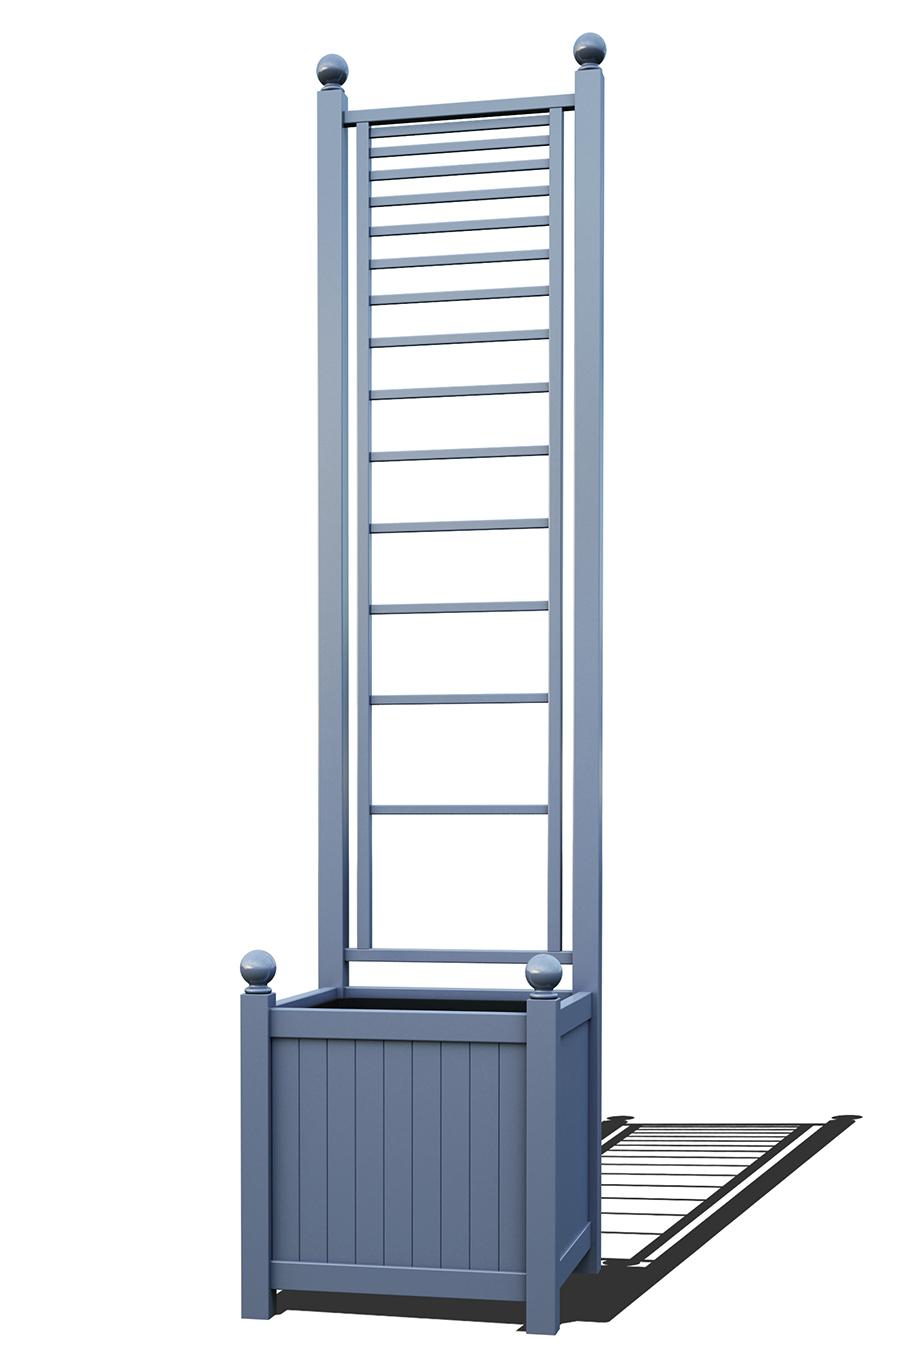 R23-A-PLH-Versailler Pflanzkübel mit Rankgitter in RAL-5014 pigeon blue